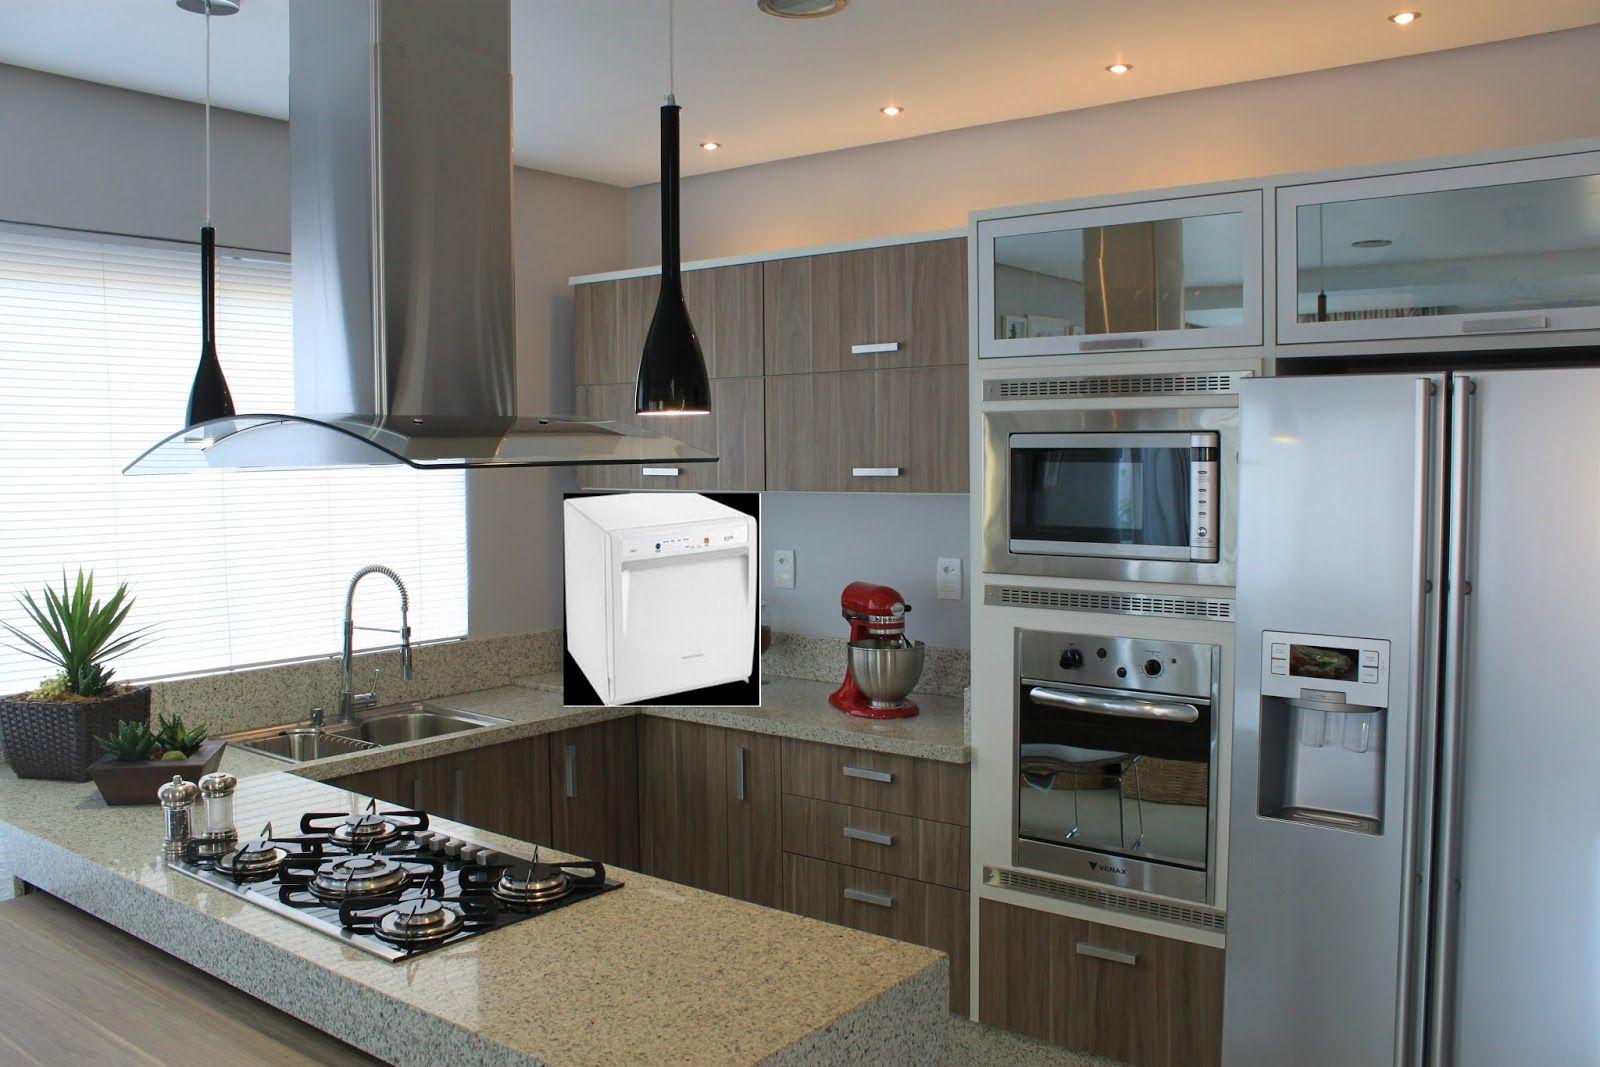 Cozinha Planejada Moderna Com Ilha Latest With Cozinha Planejada